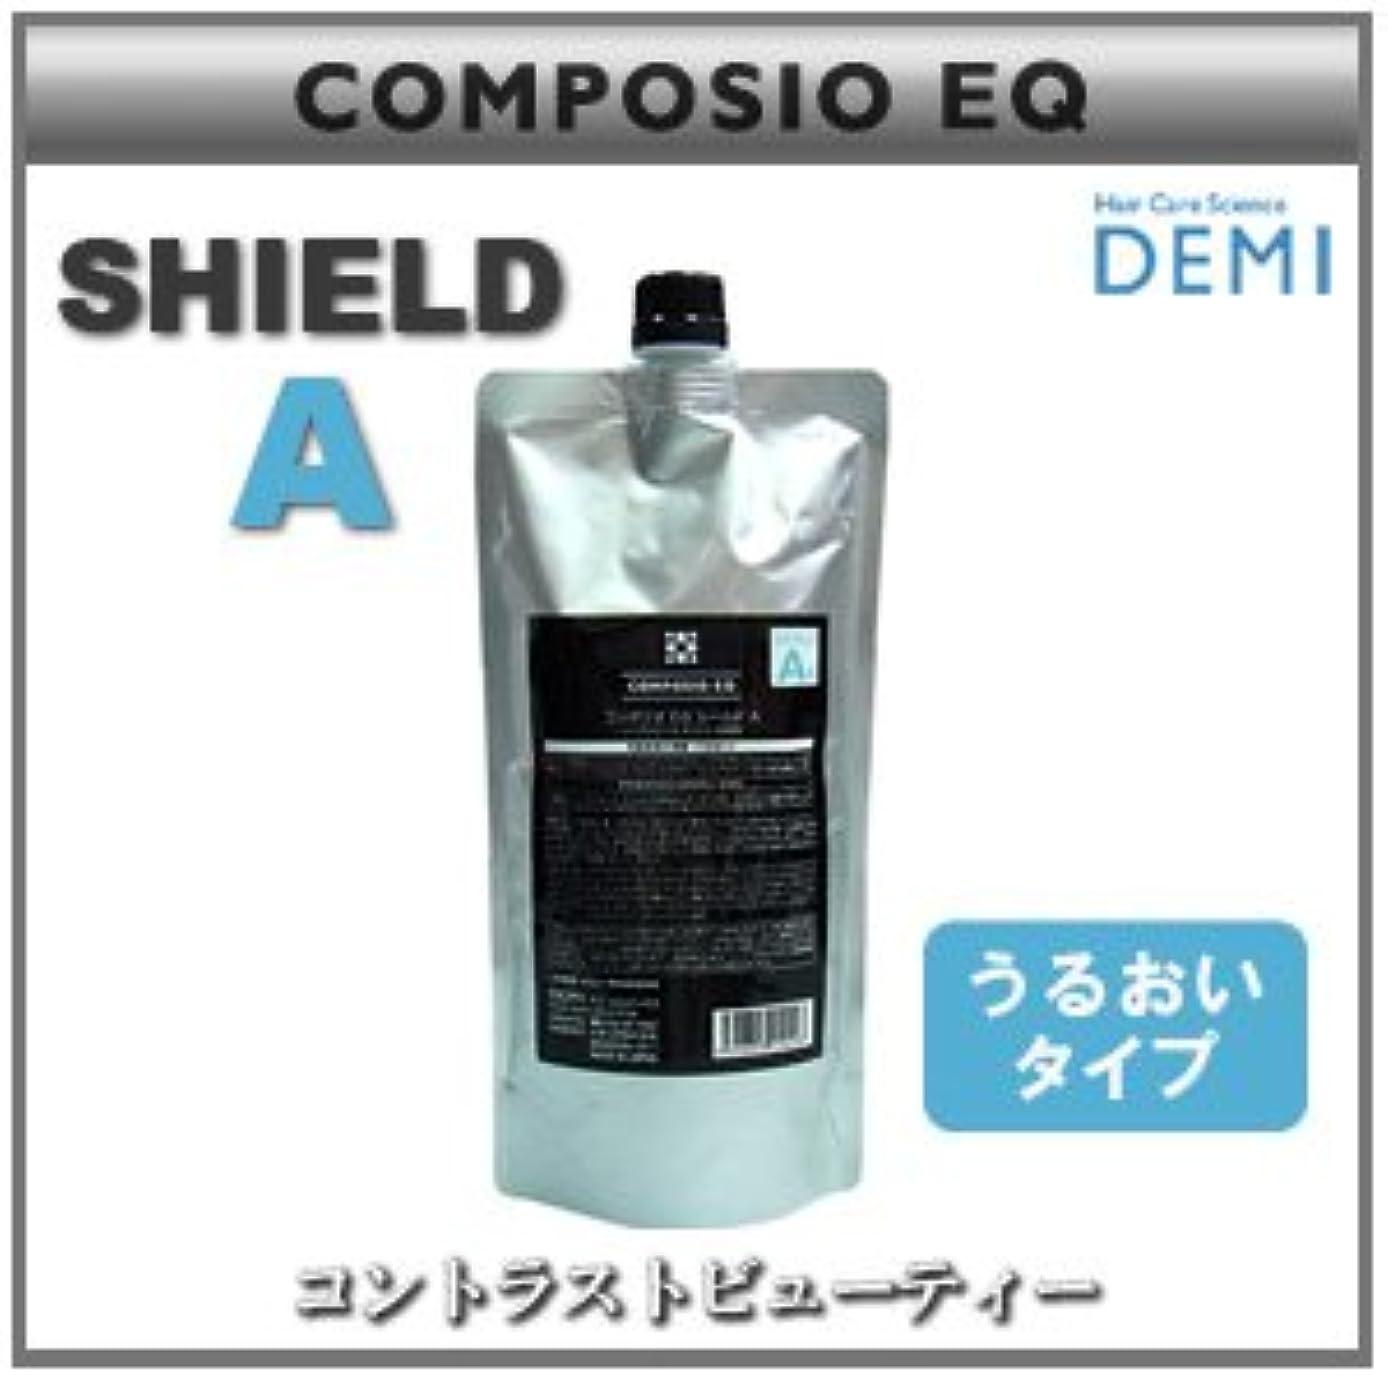 満足させる恐ろしいマークダウン【x3個セット】 デミ コンポジオ EQ シールド A 450g